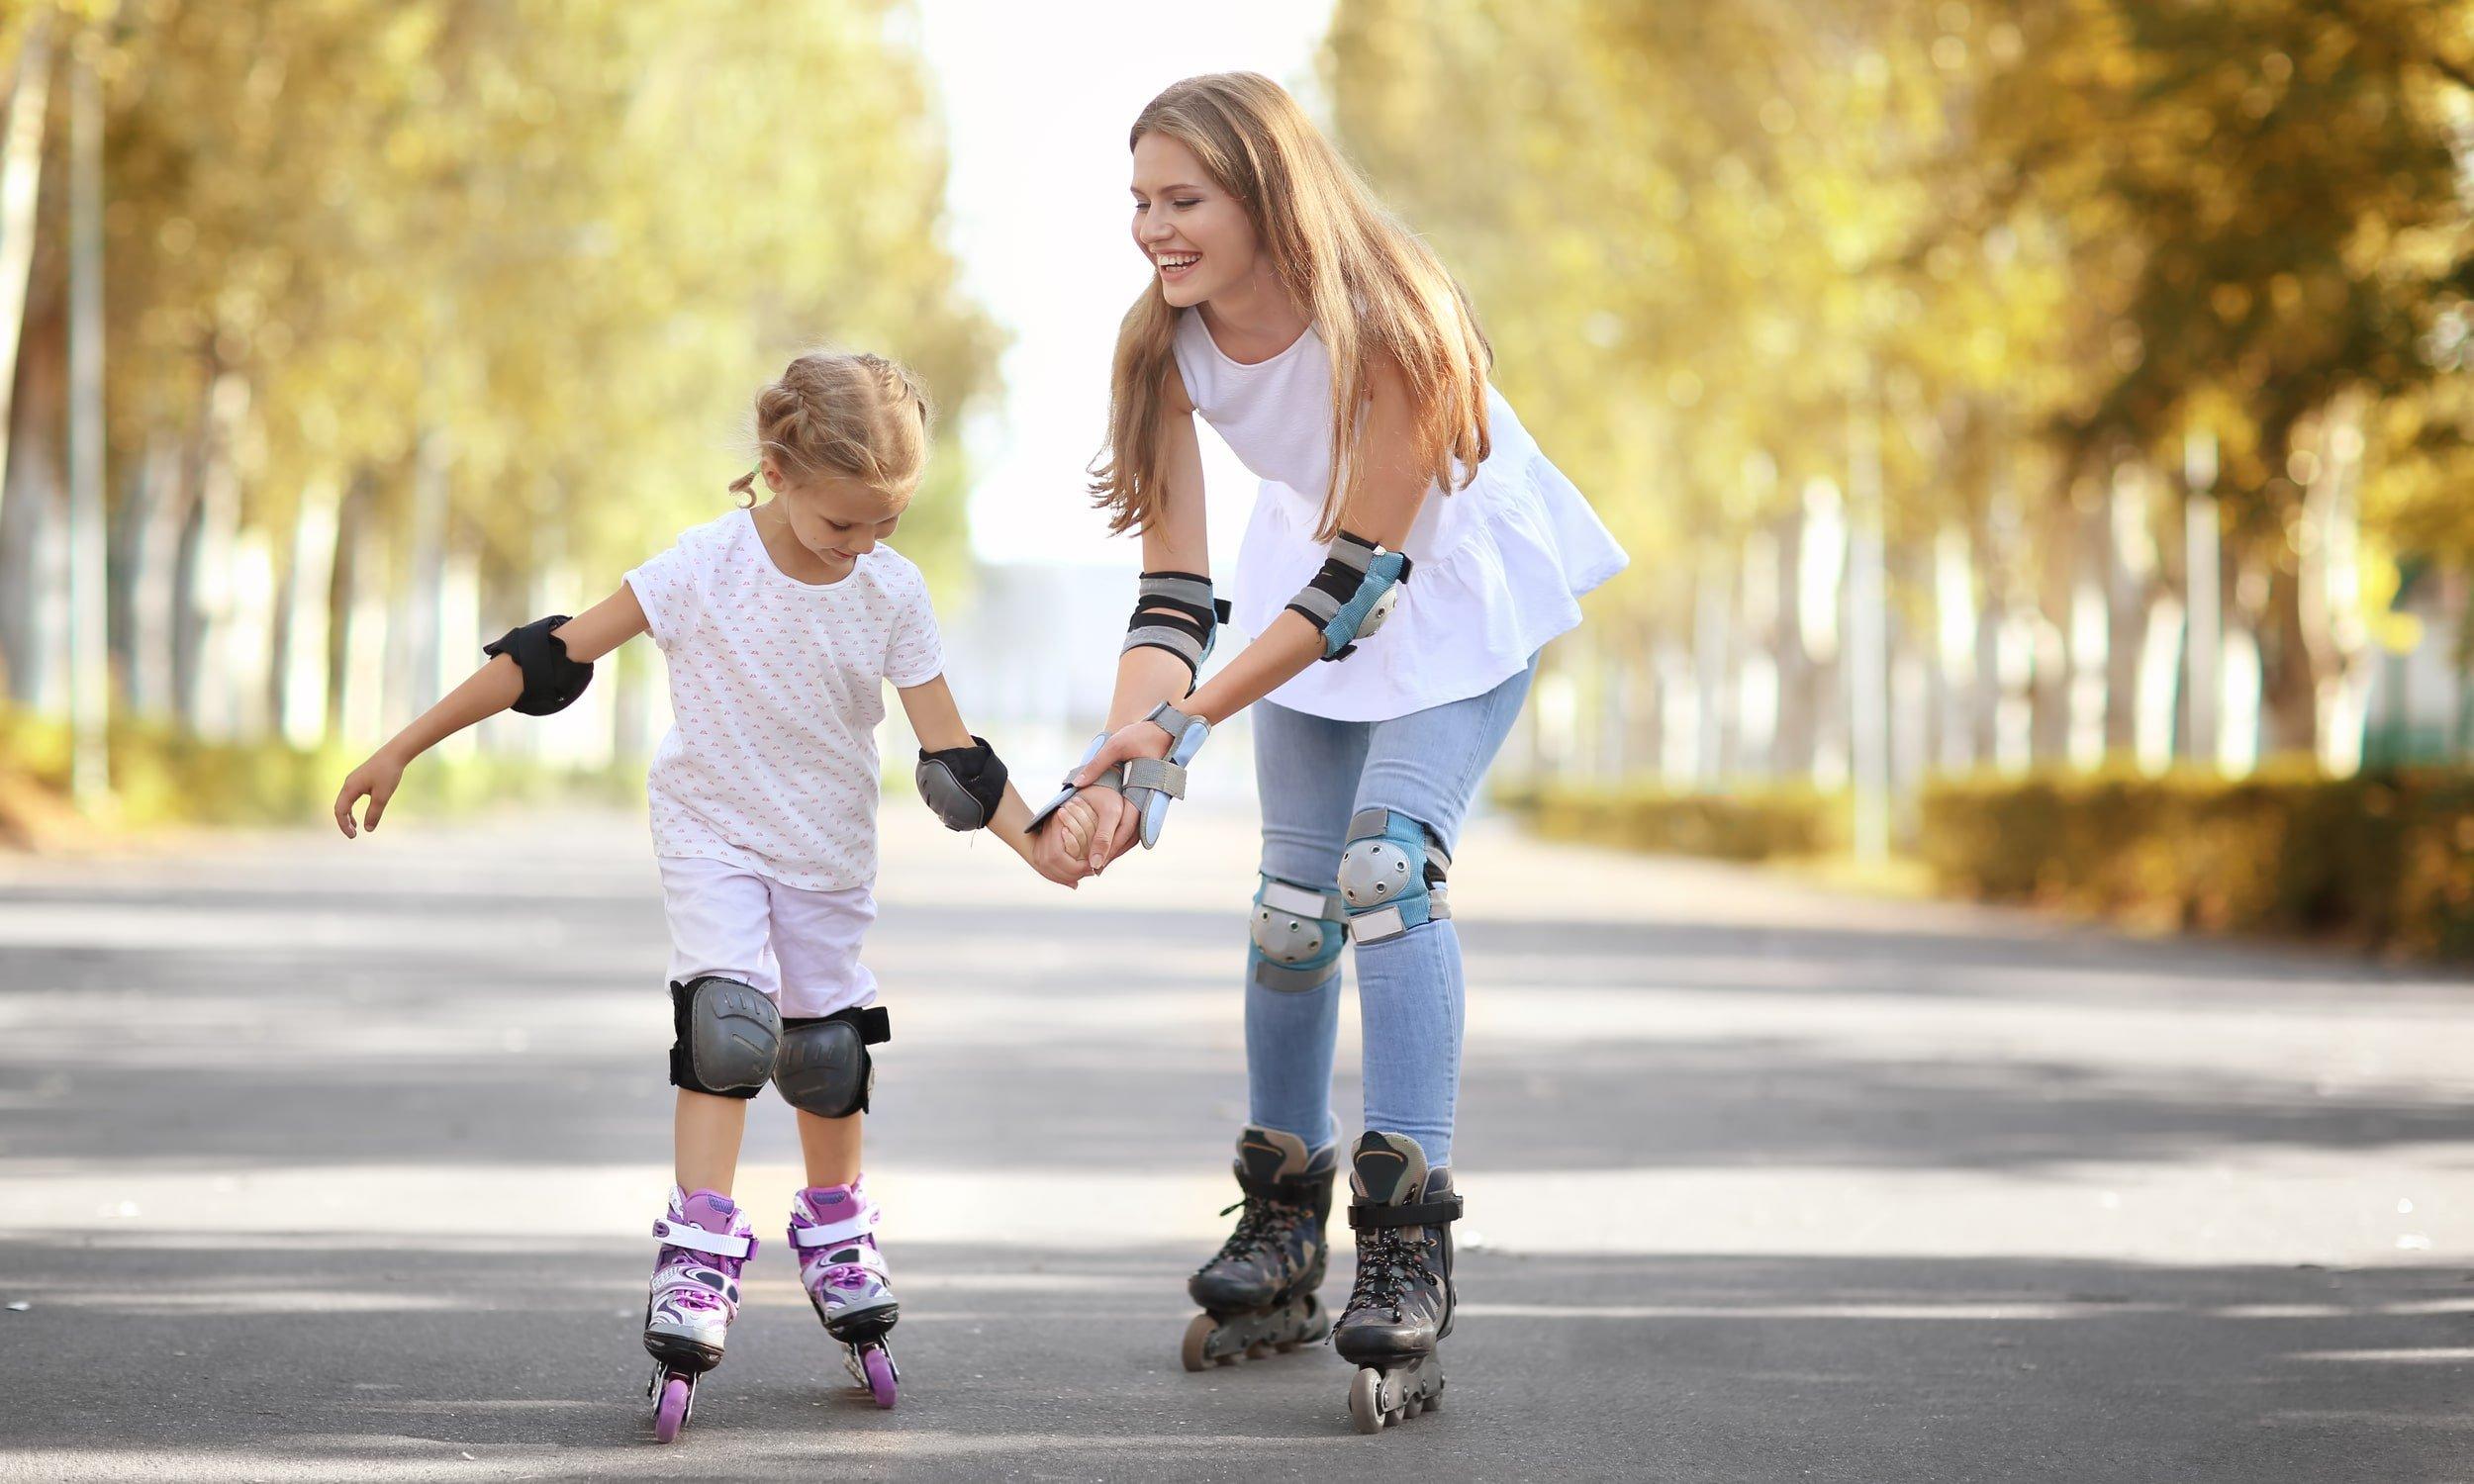 laps ja ema õpivad rulluiskudega sõitma